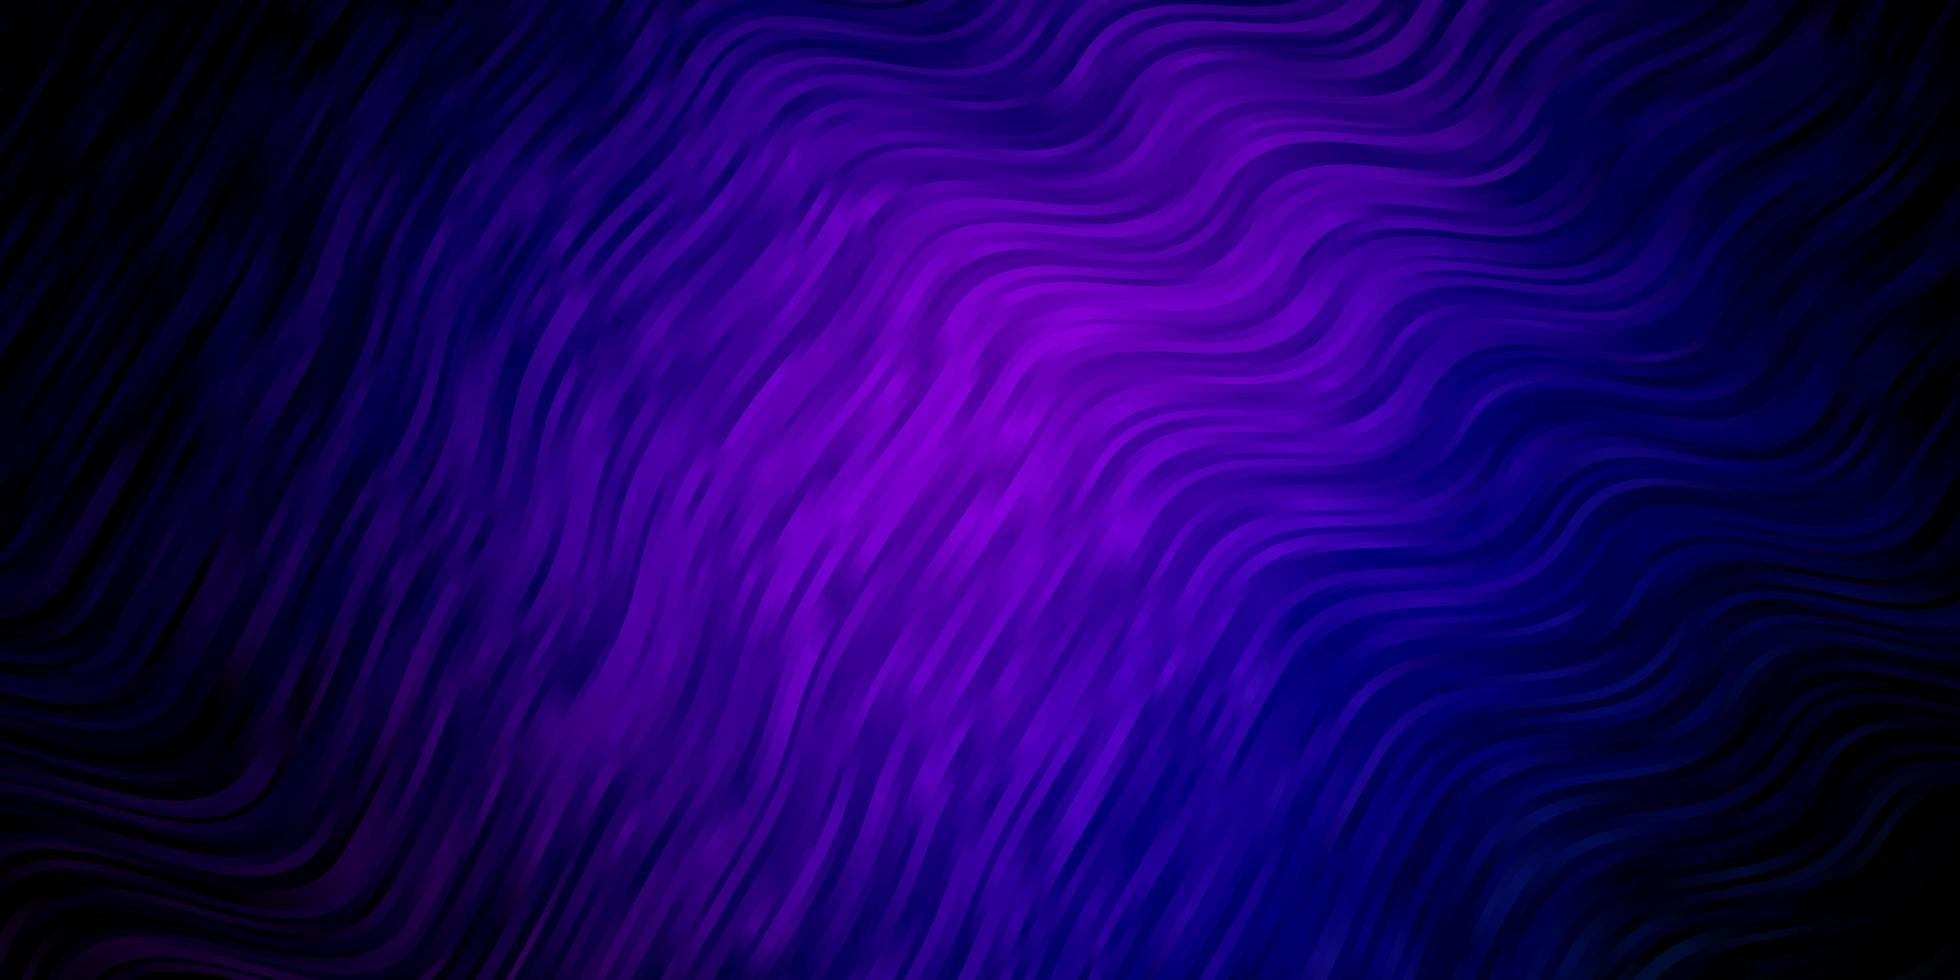 padrão de vetor rosa escuro, azul com linhas irônicas.